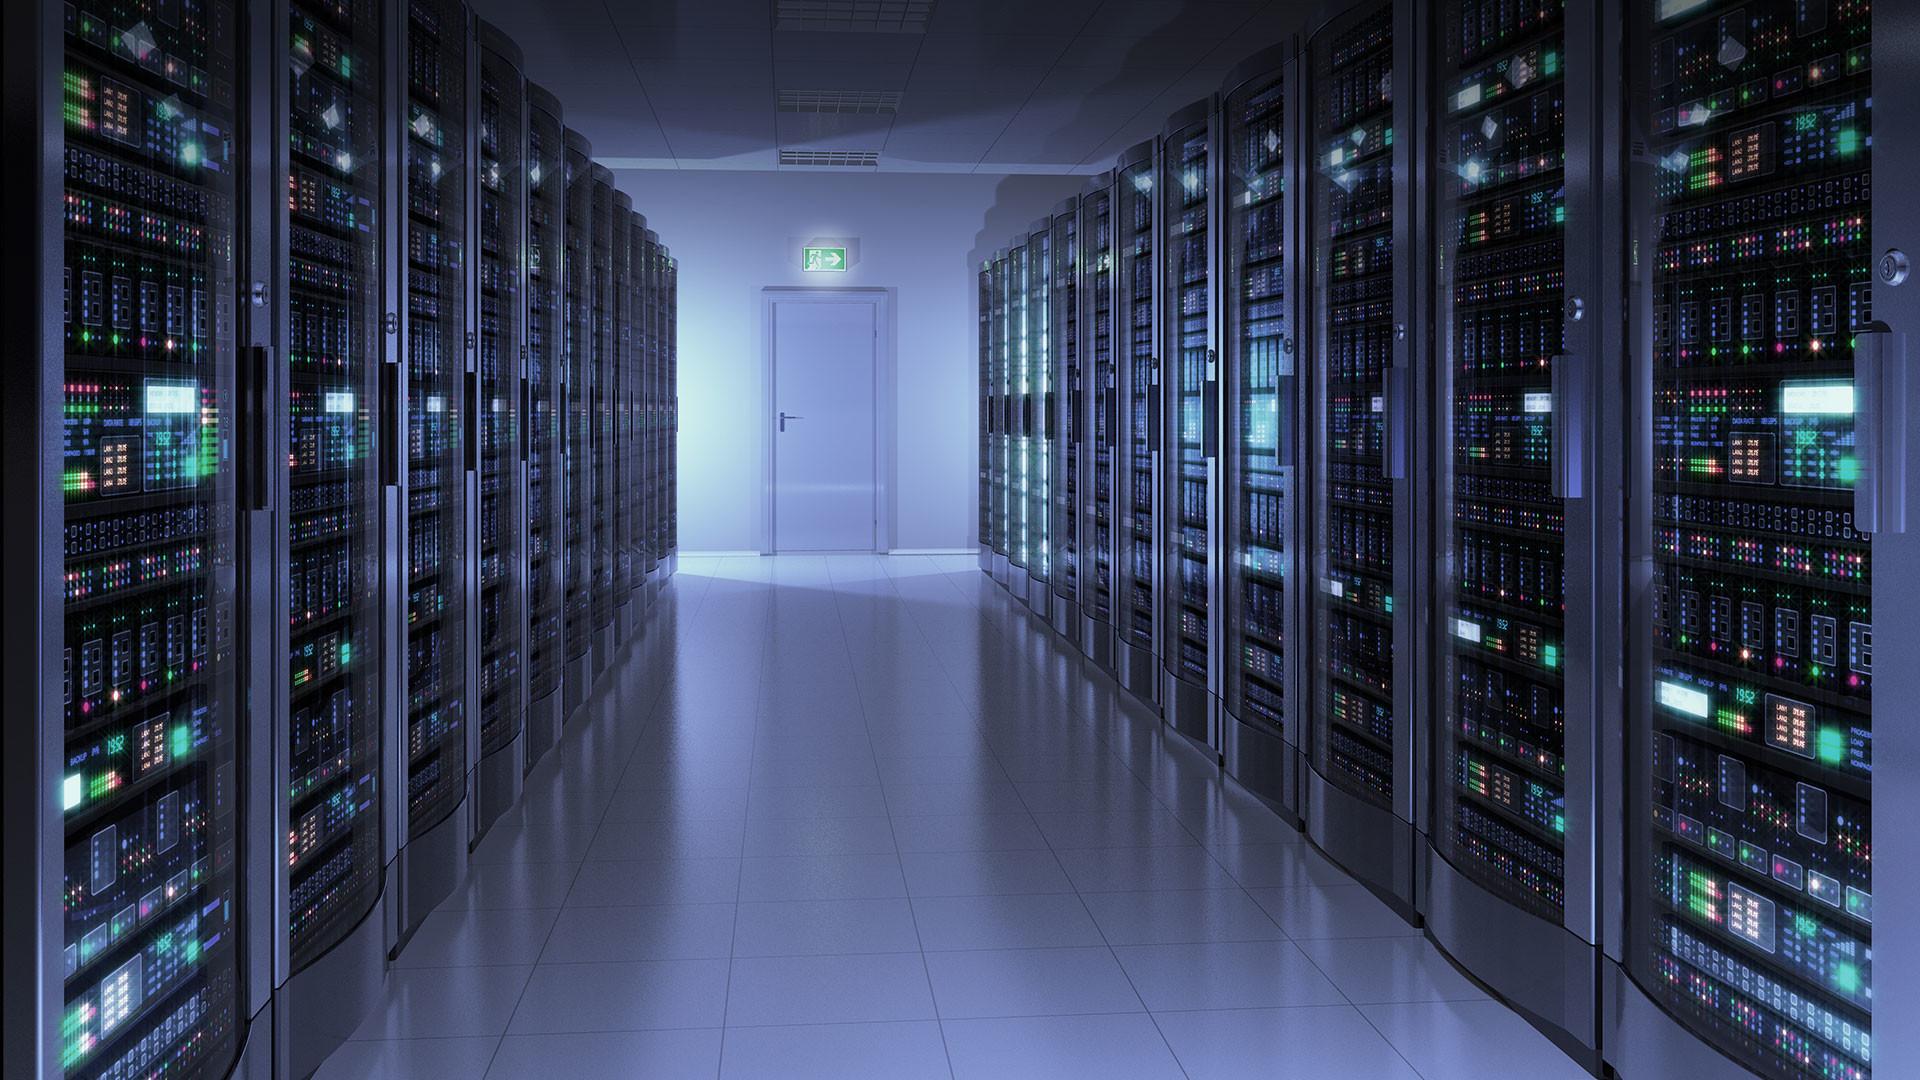 Server Room Wallpaper 62 images